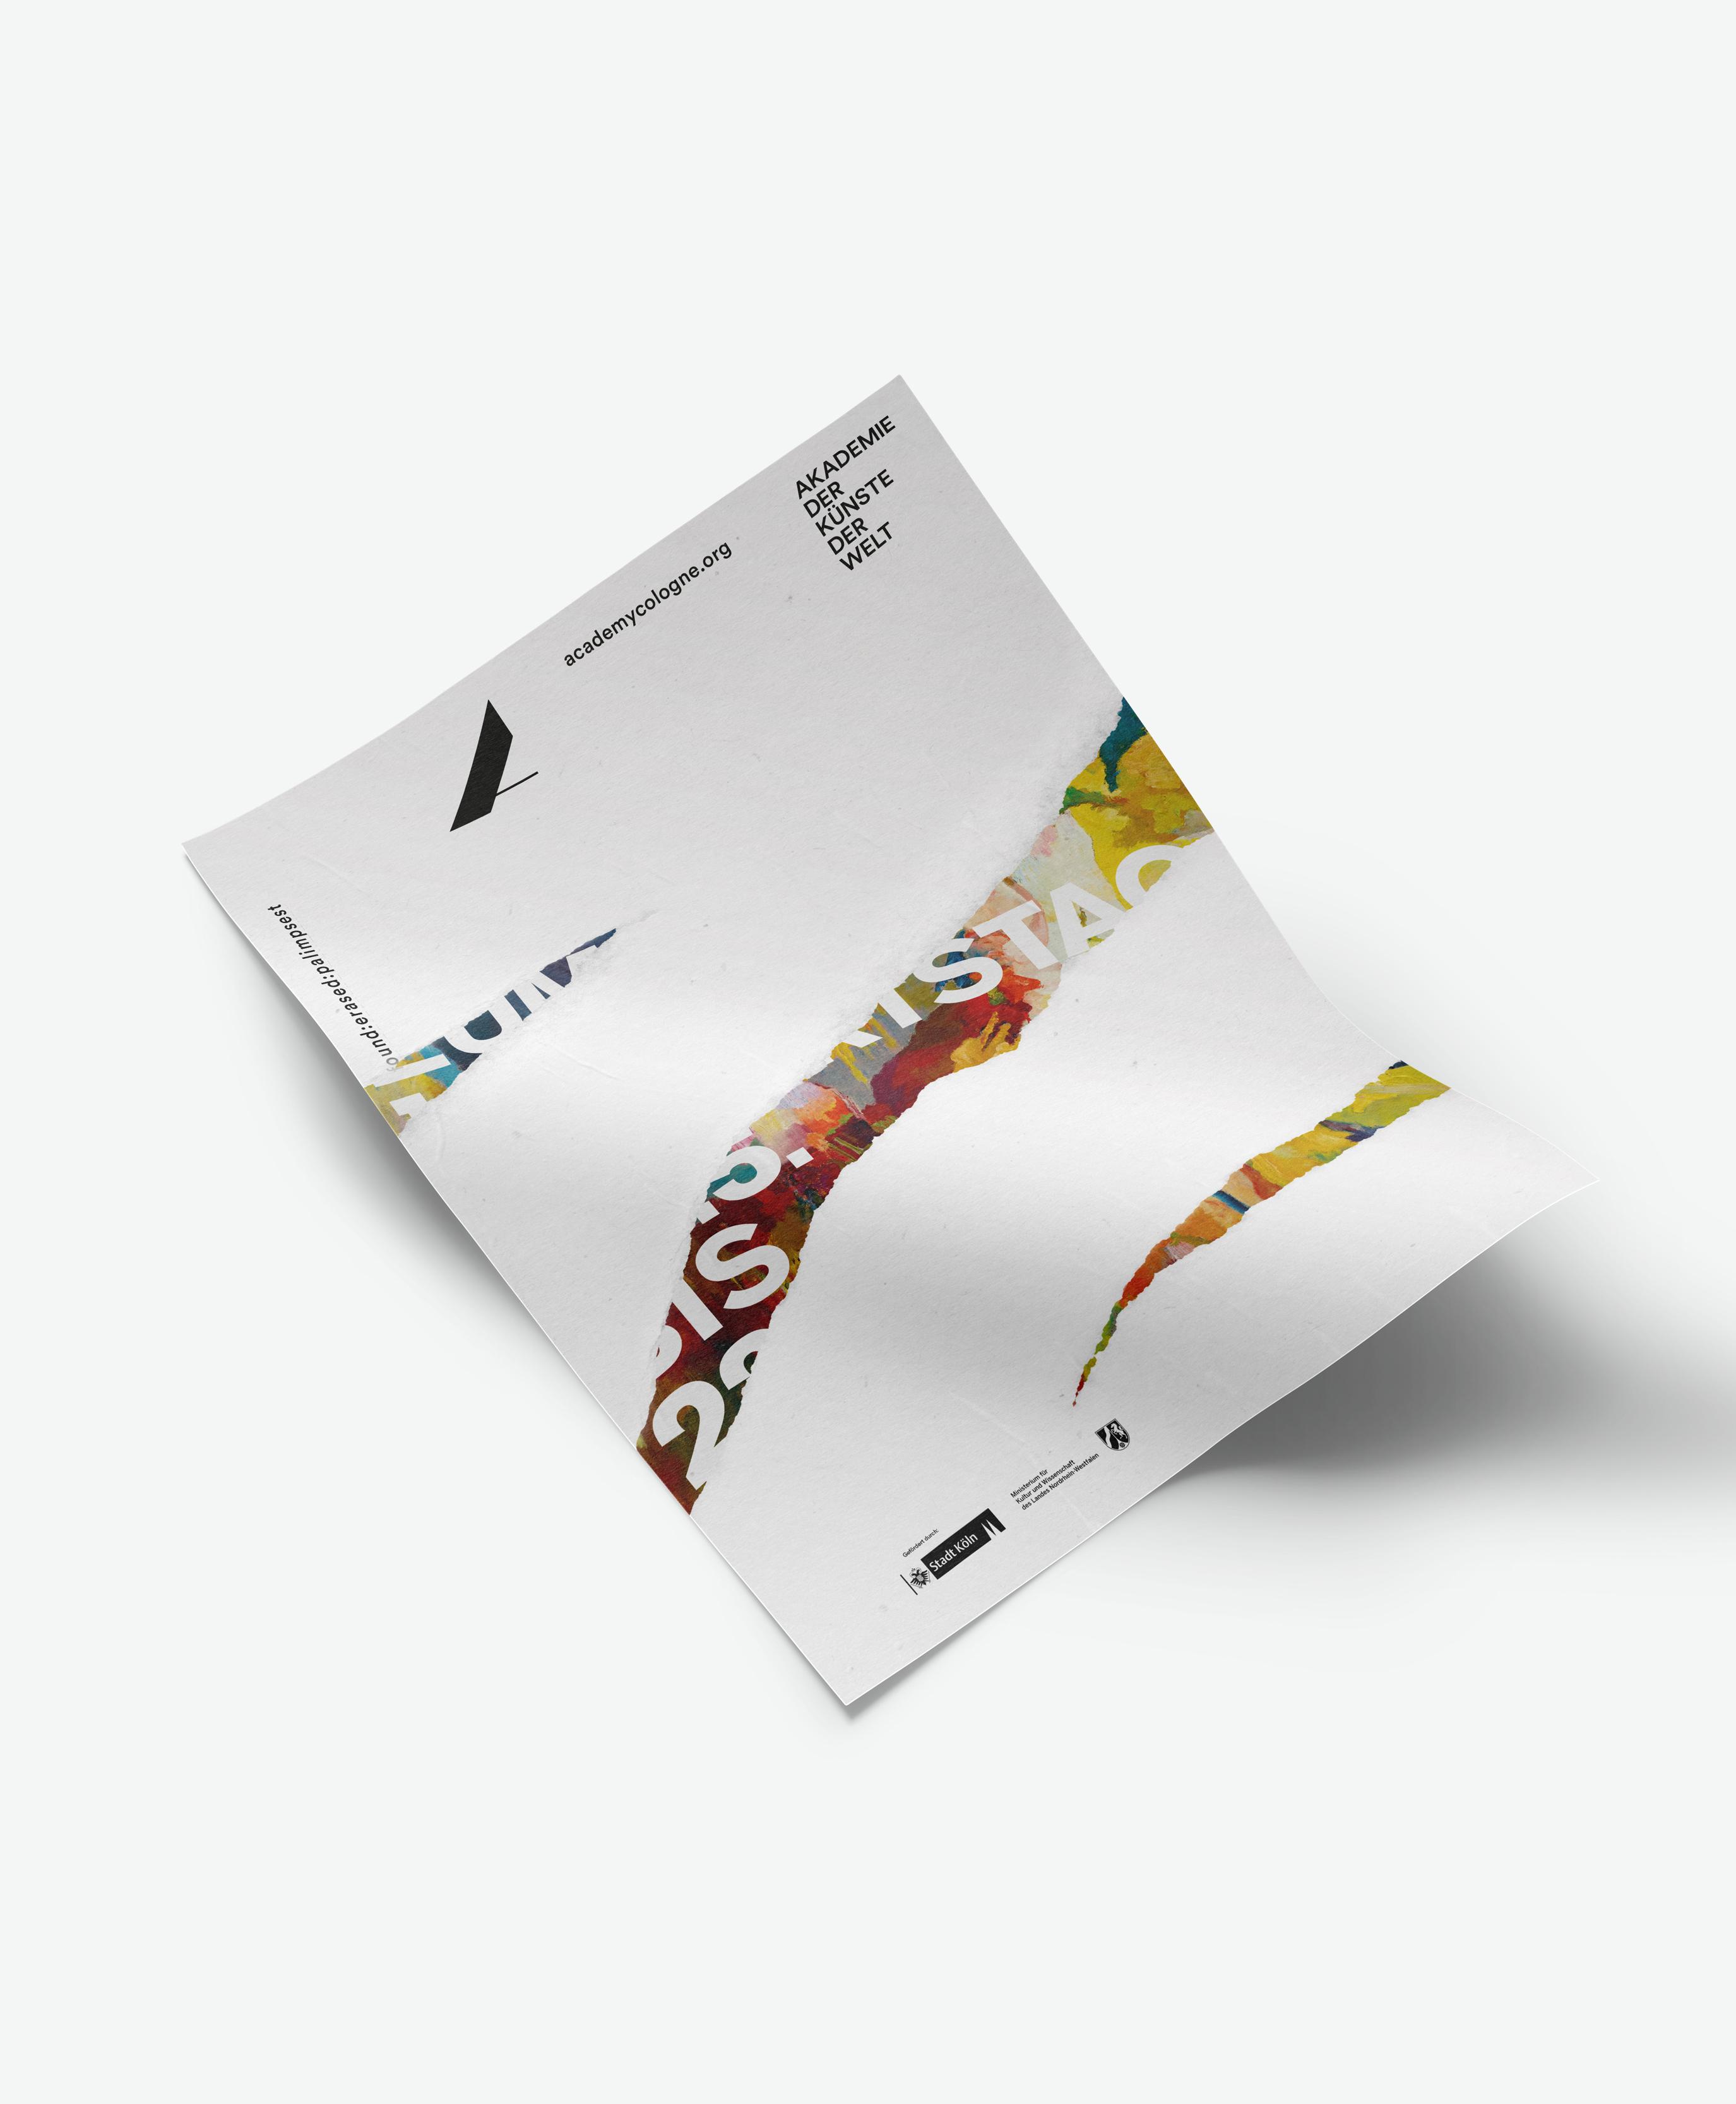 Buero_Freiheit_Akademie_der_Kuenste_der_Welt_Kampagne_Poster_found_erased_palimpset_Museum_Ludwig_1 Akademie der Künste der Welt / Köln